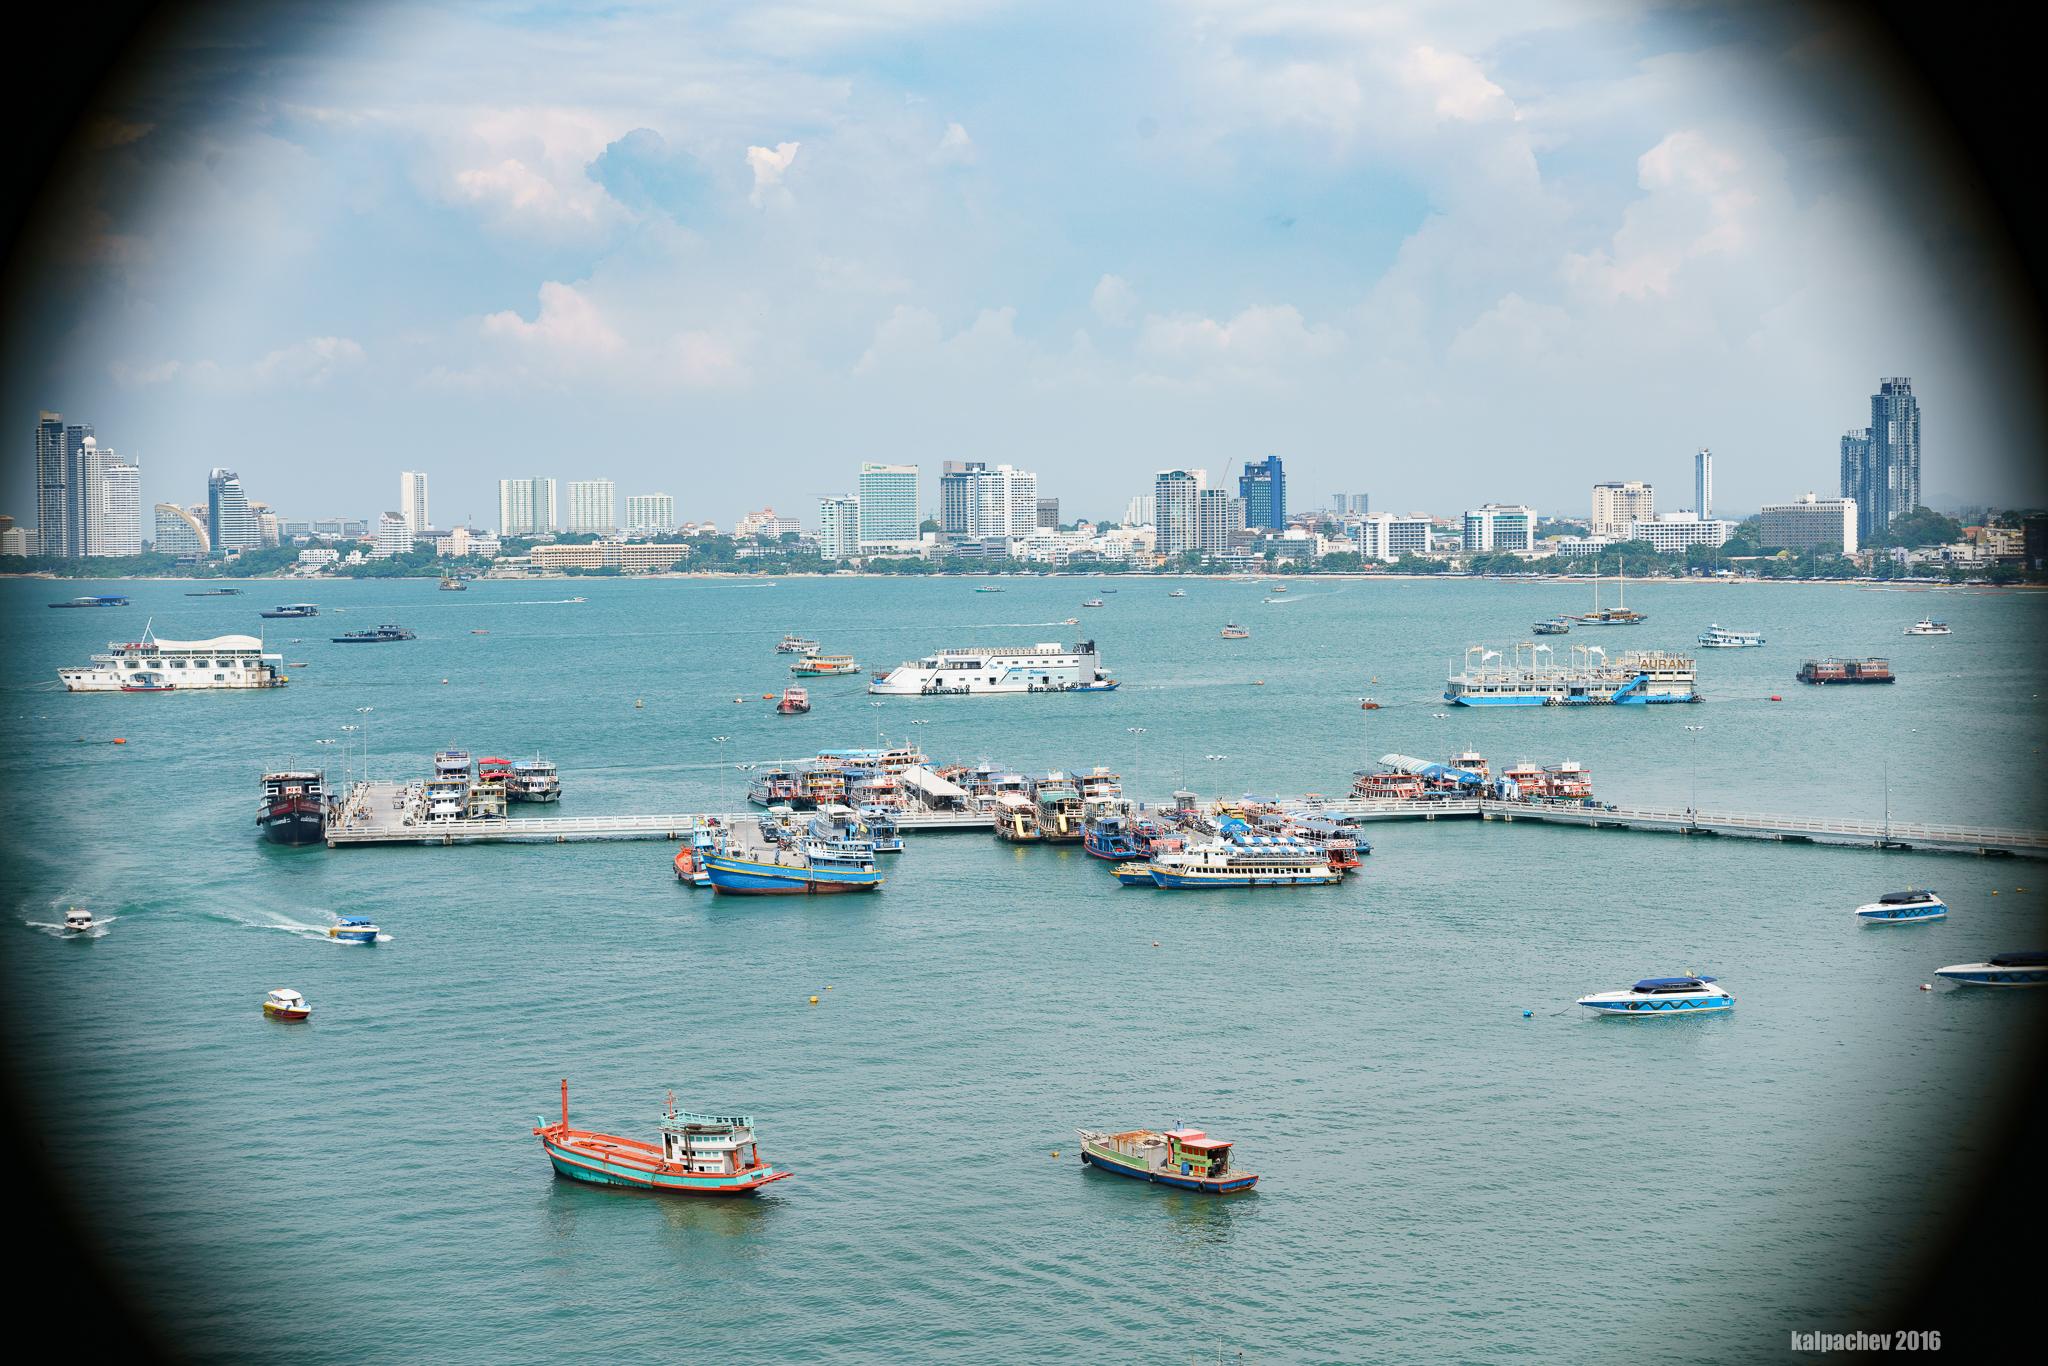 Trip to Thailand 16 Oct – 3 Nov 2016 – Part 2